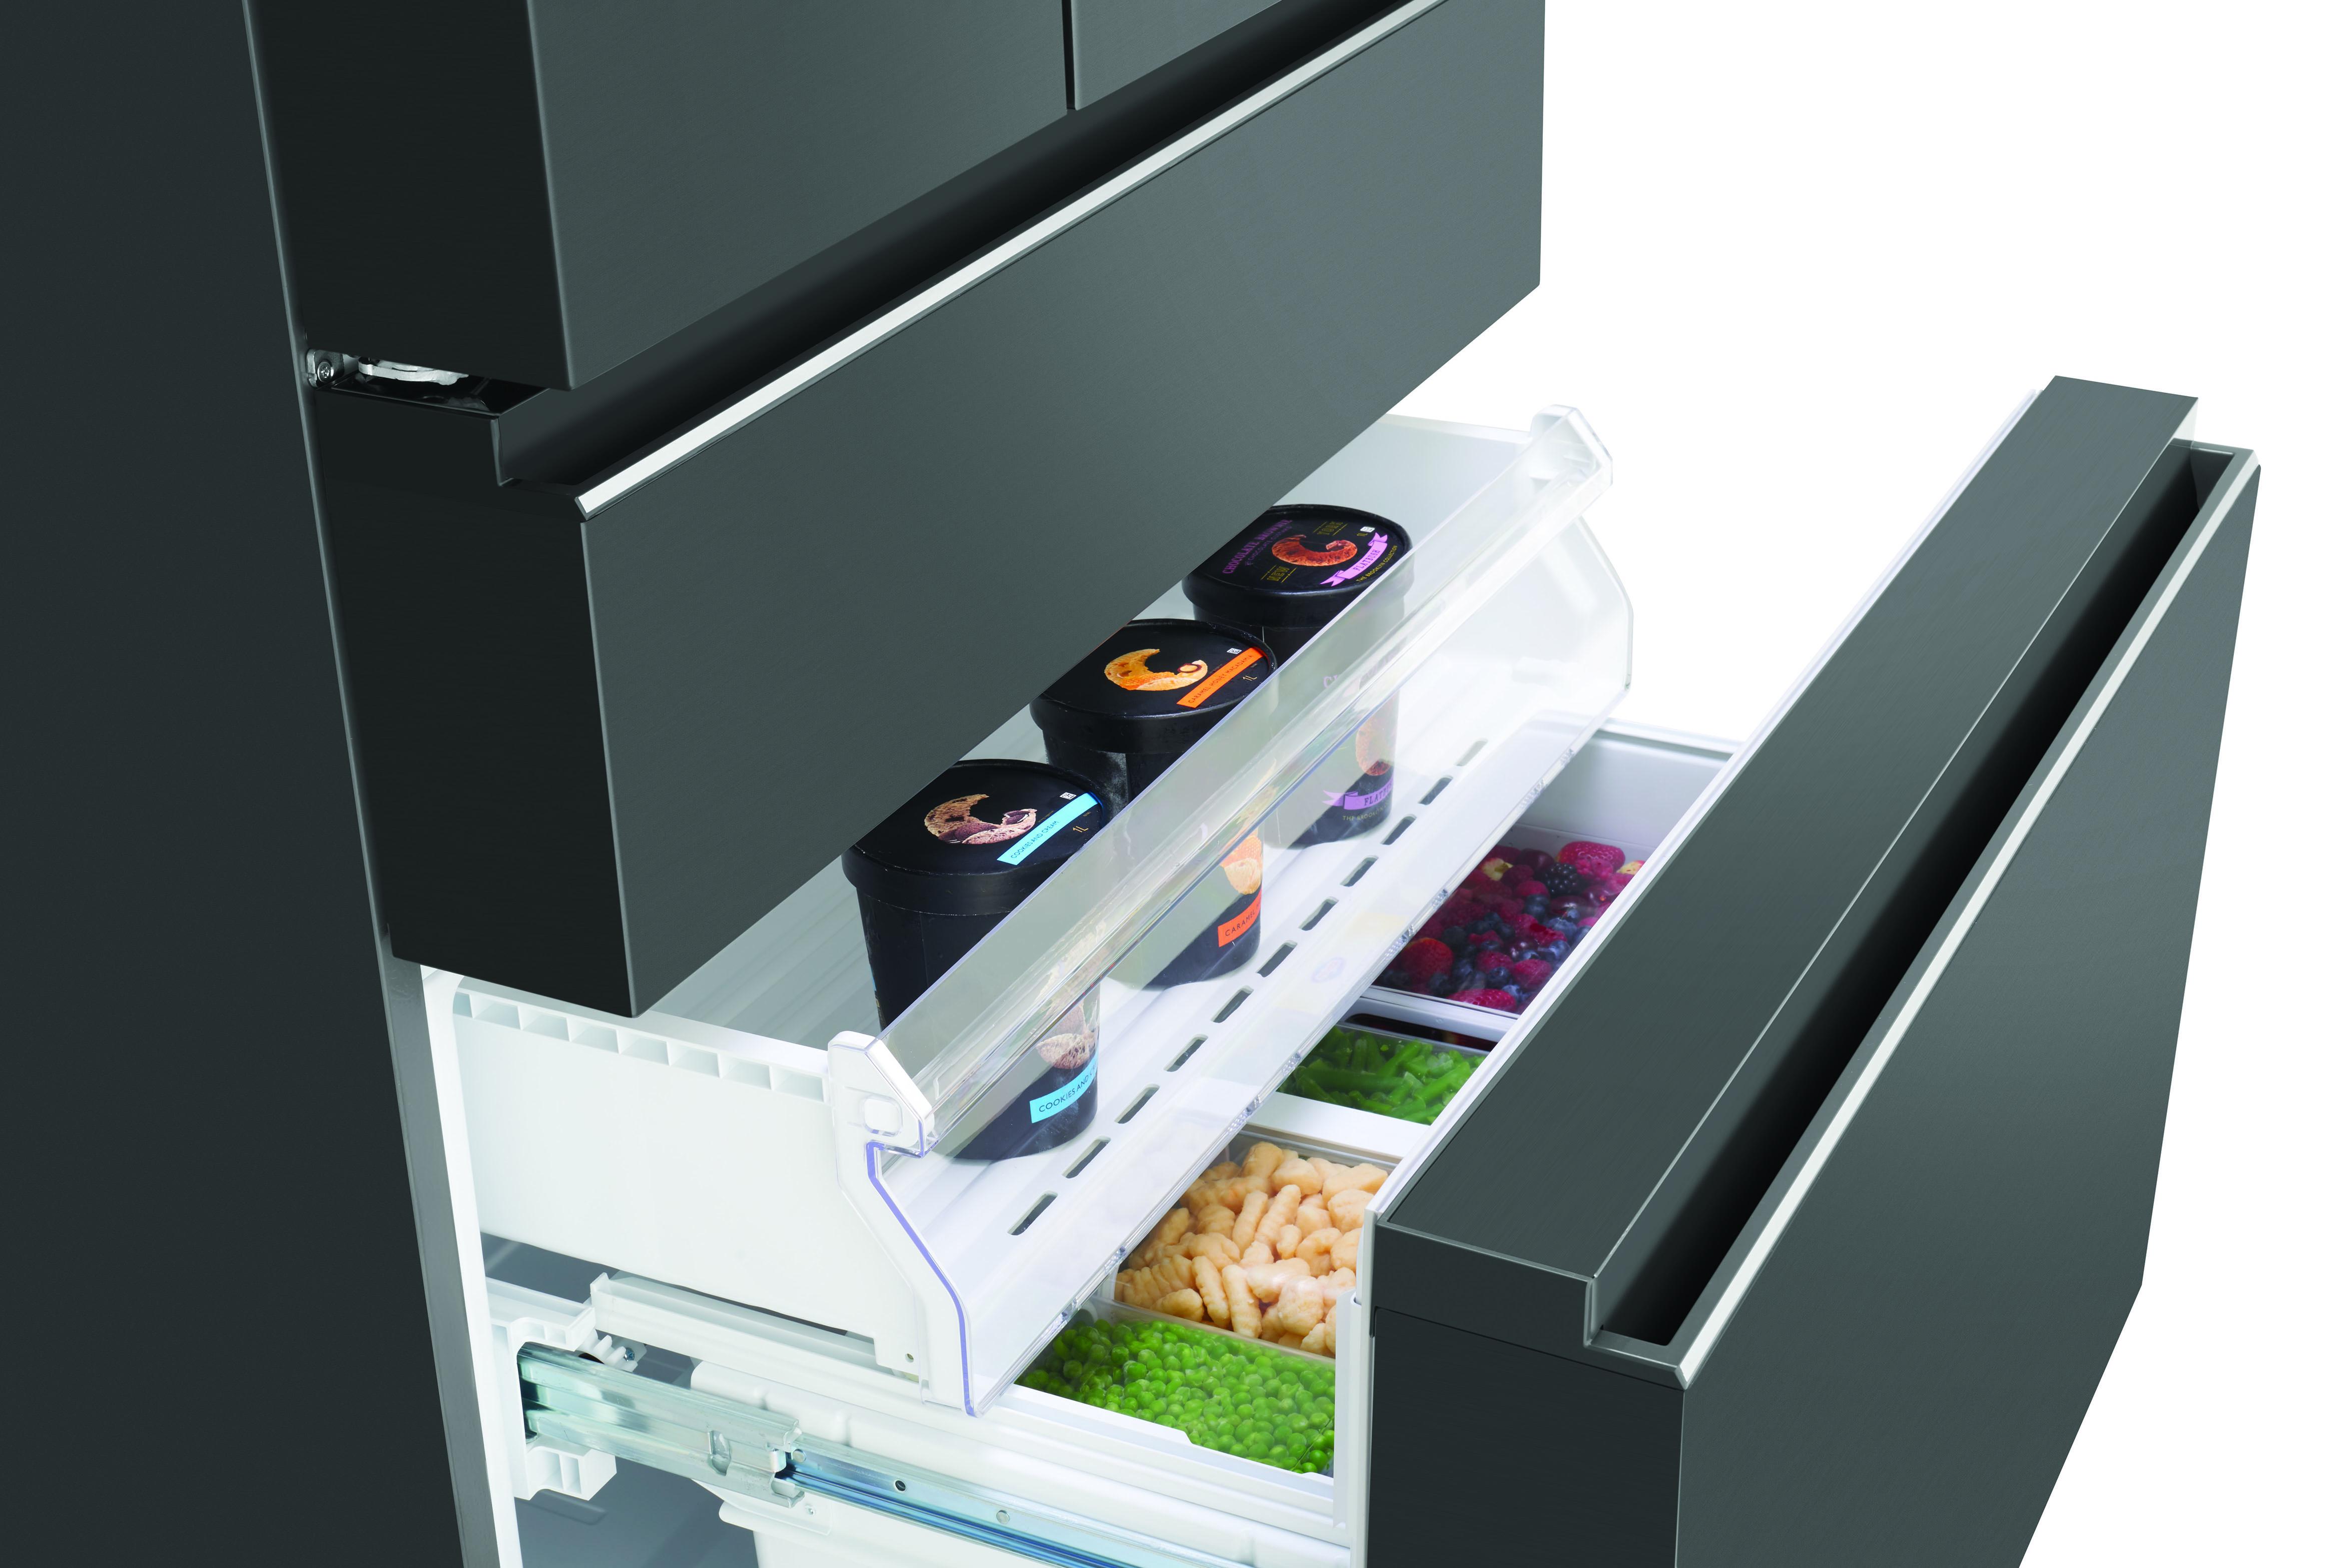 Electrolux Multidoor Refrigerator